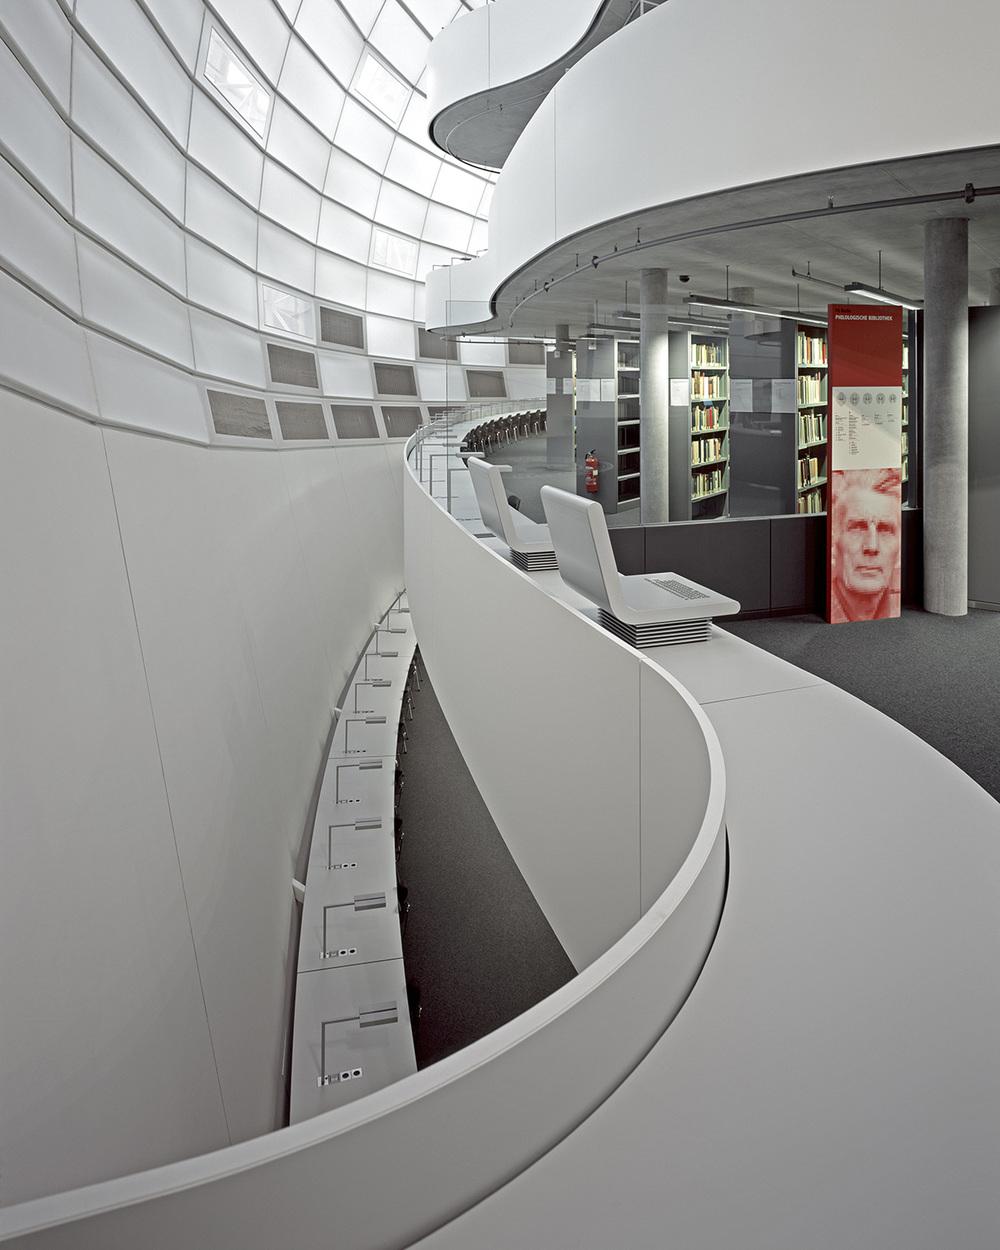 Philologische Bibliothek, Berlin